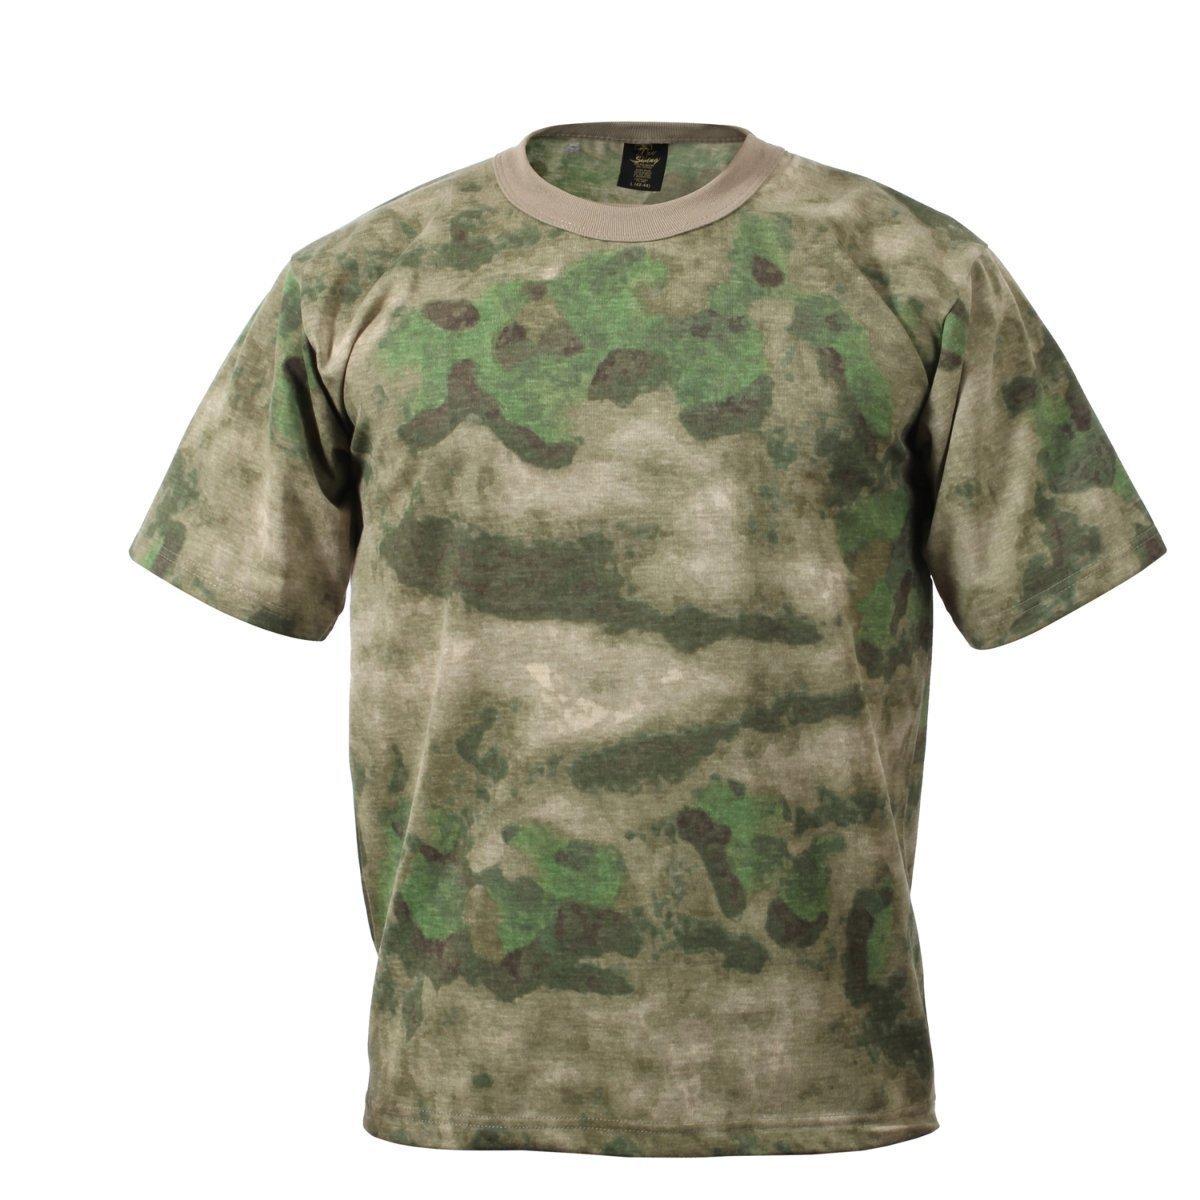 Rothco Men's Short Sleeve T-Shirt, A-TACS FG rothco vintage olive drab air corp t shirt